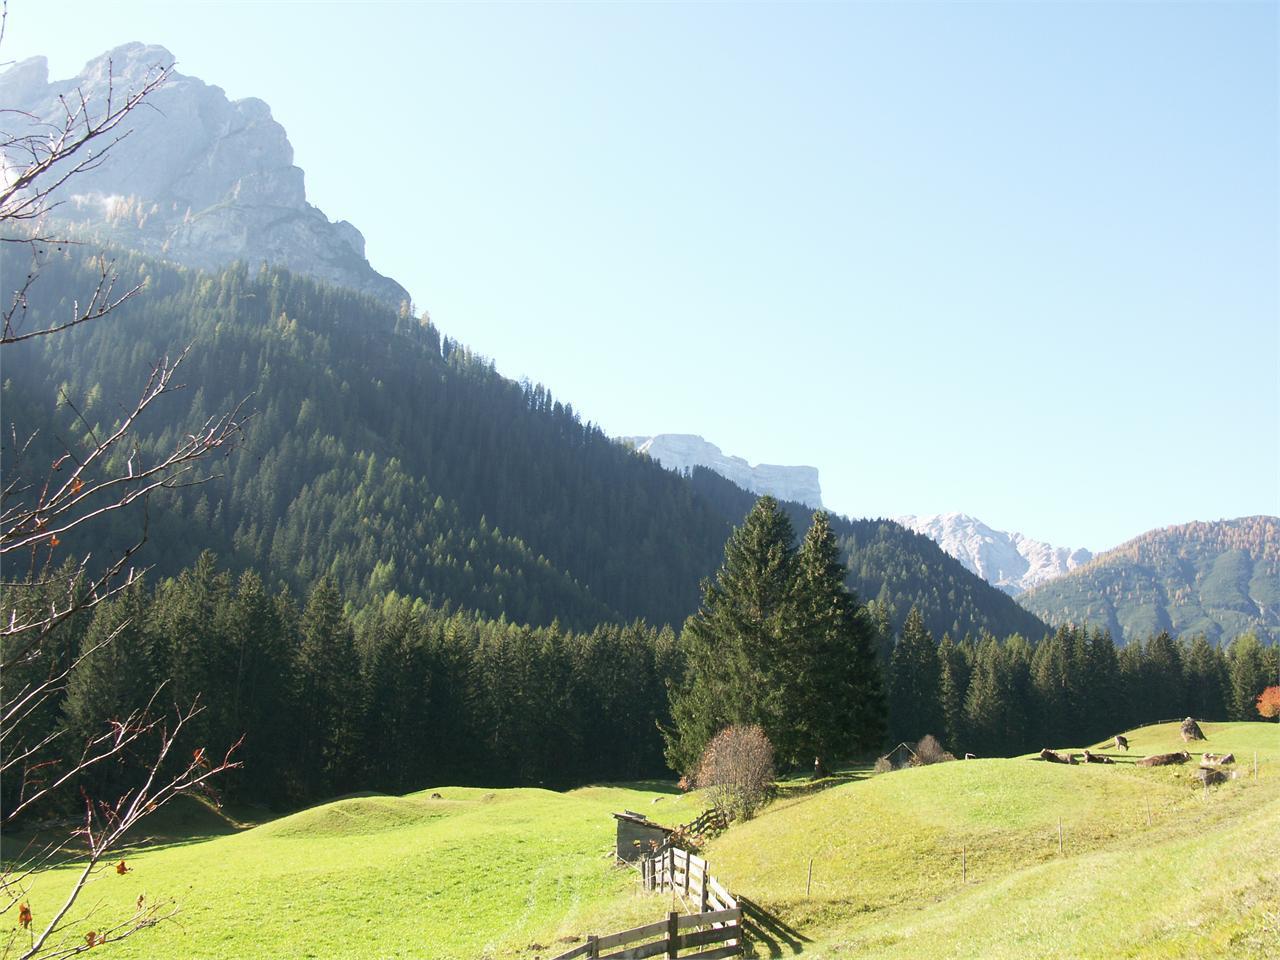 Monte di Braies/Pragser Berg